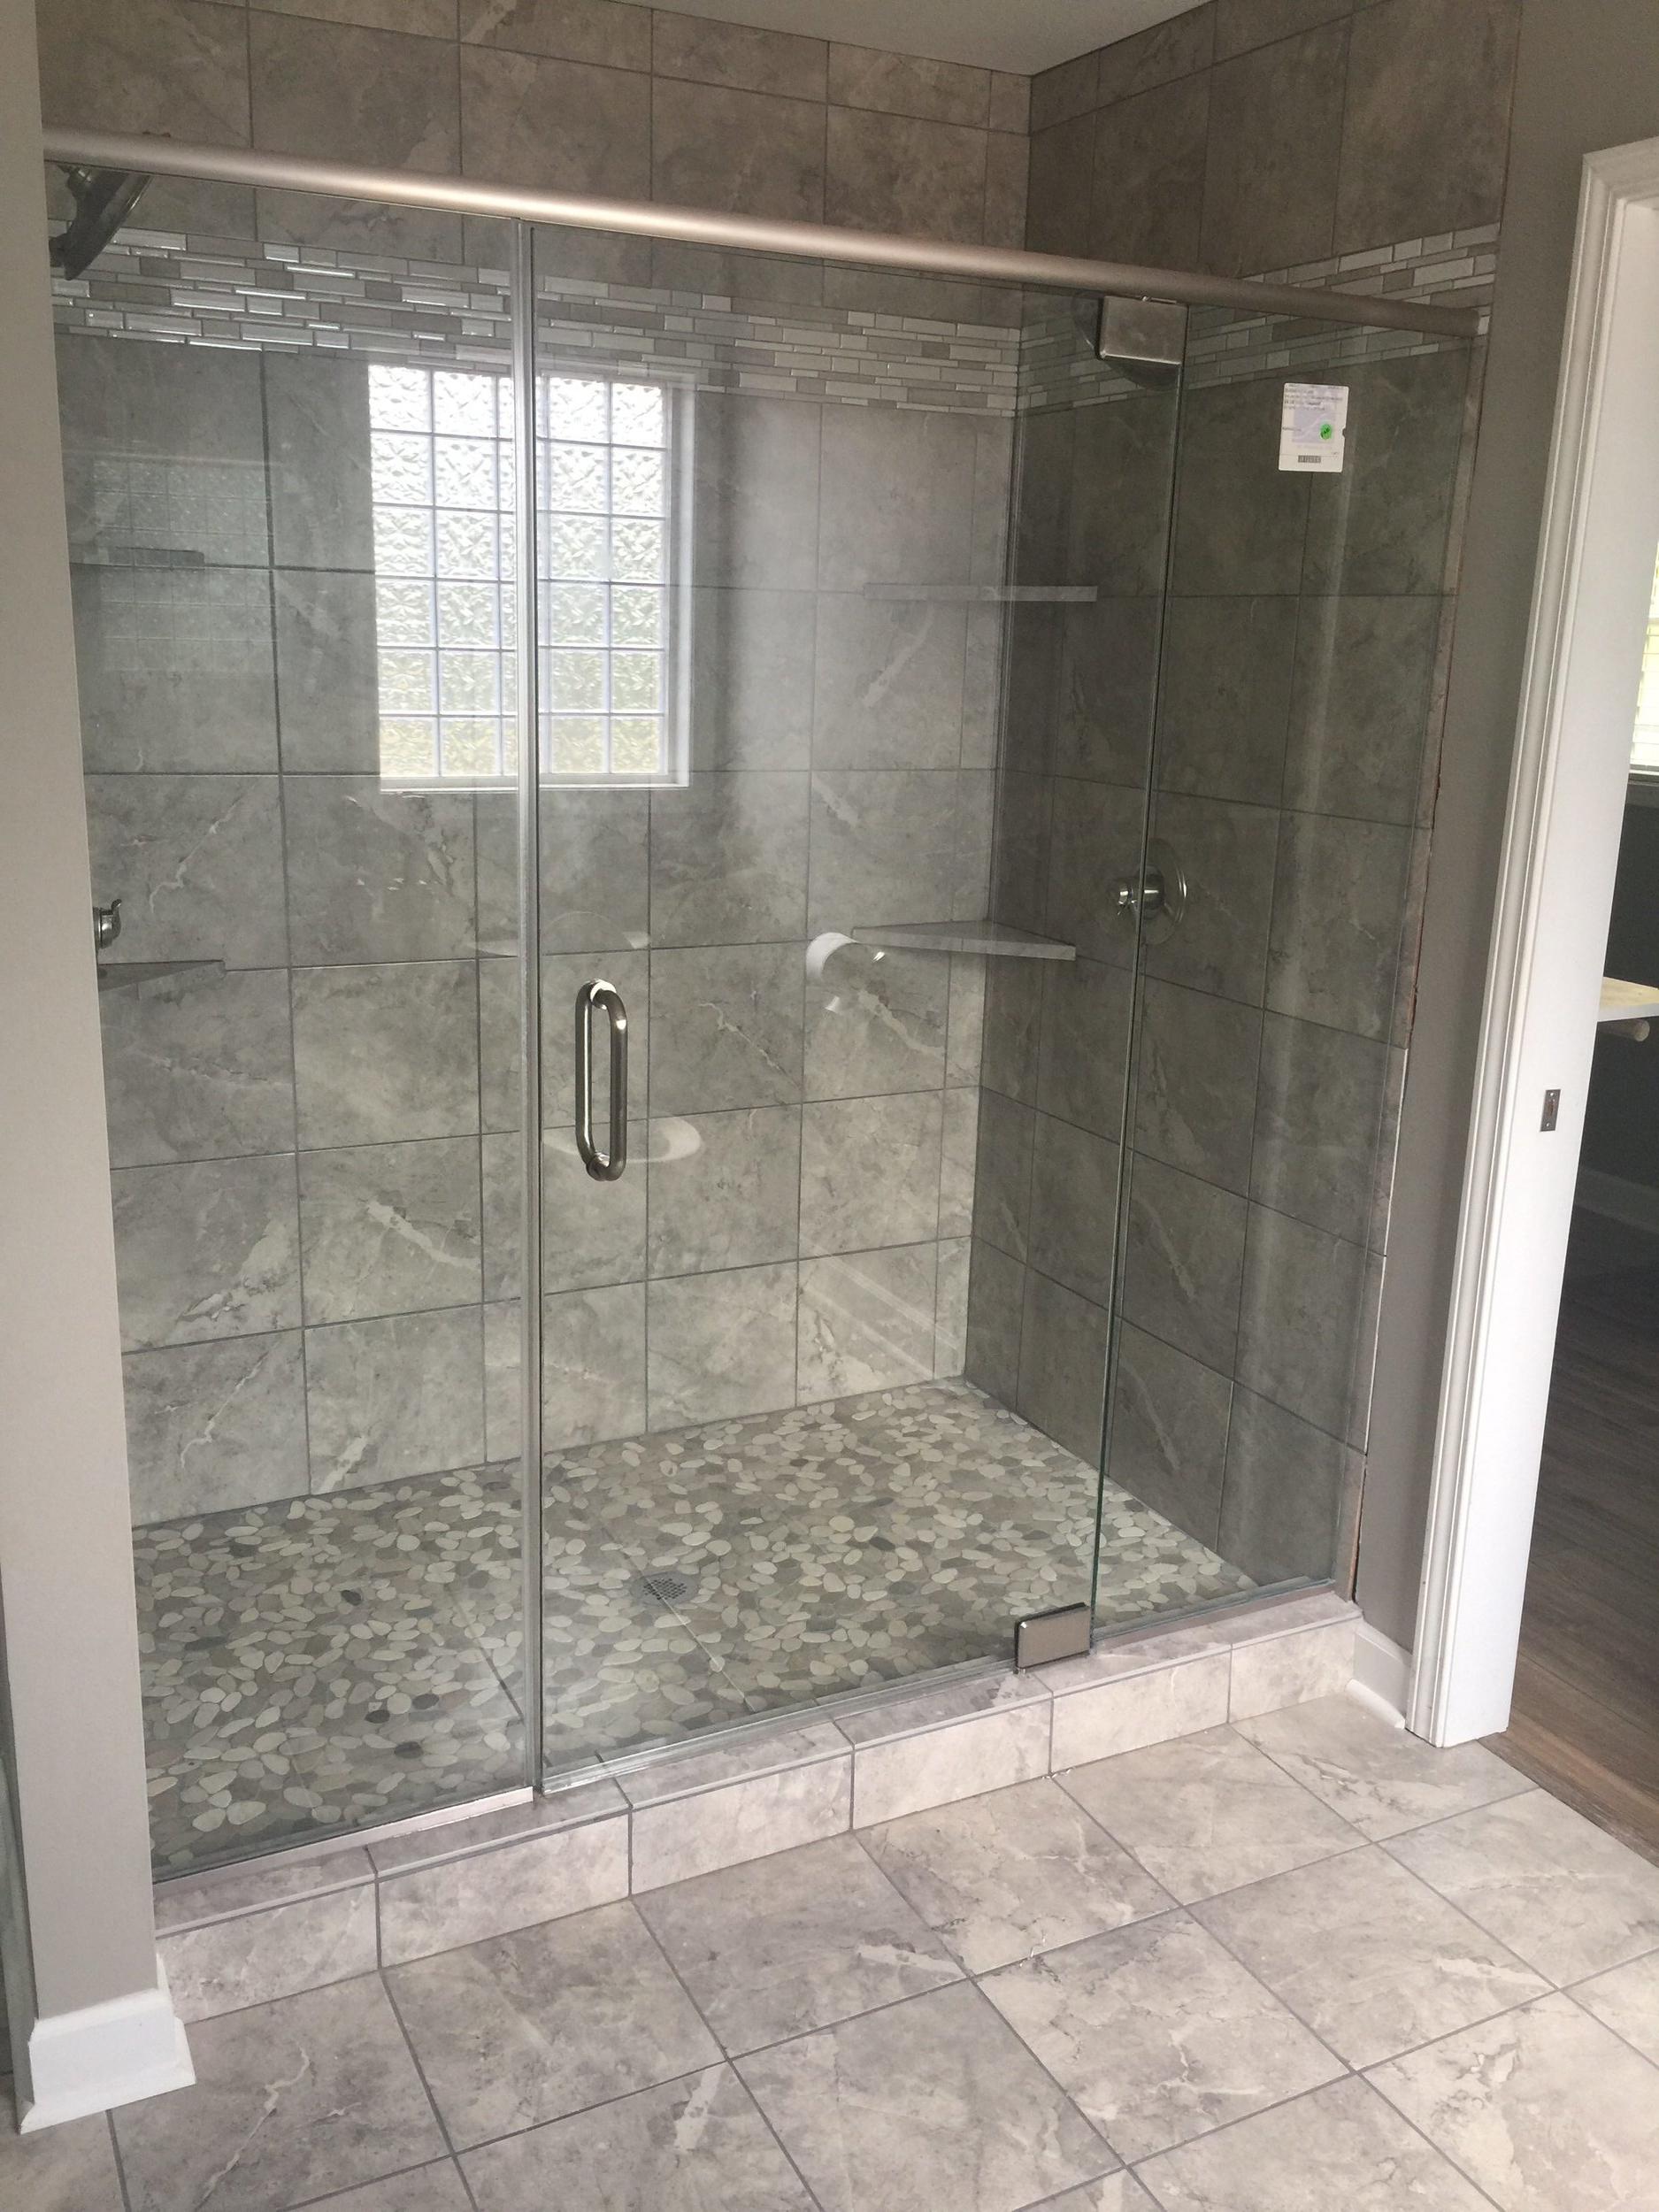 Chase_shower_door_photos-42.jpg